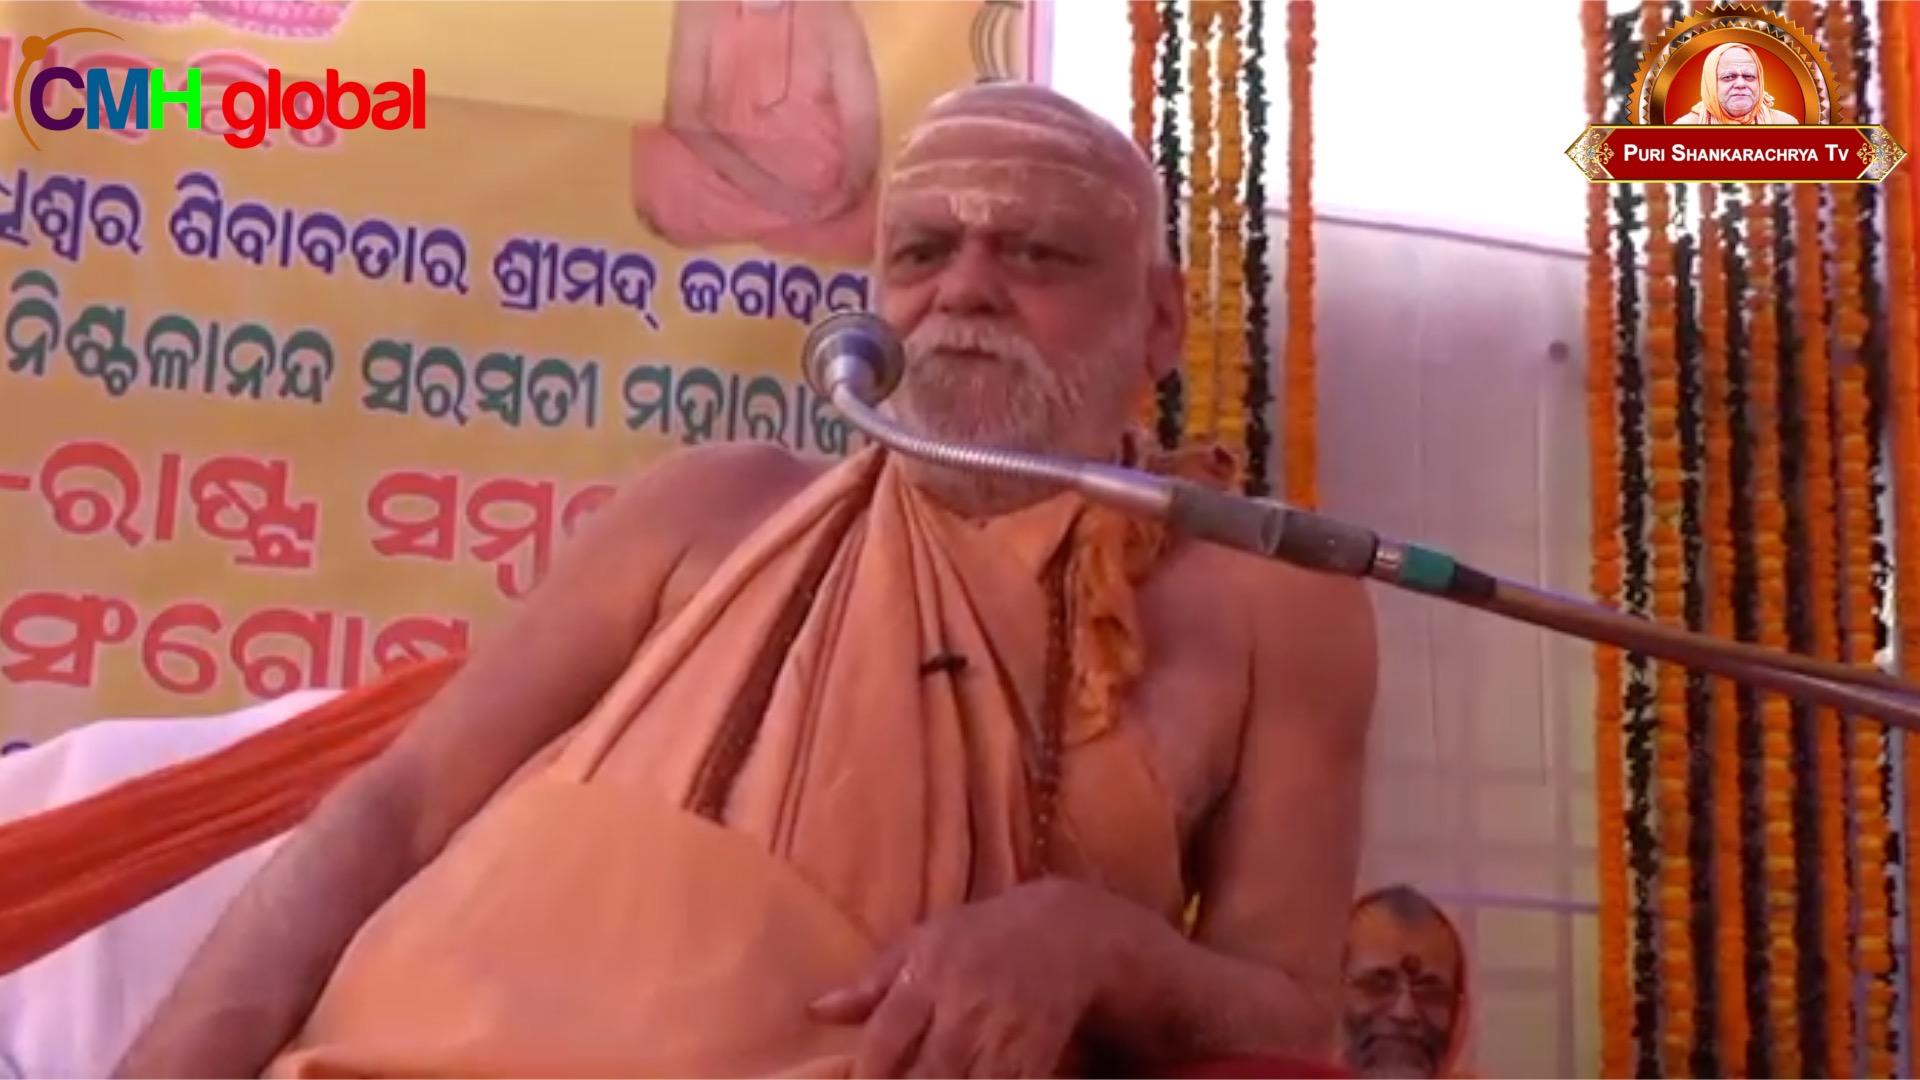 Gyan Dhara Ep -08 by Puri Shankaracharya Swami Nishchalananda Saraswati Ji